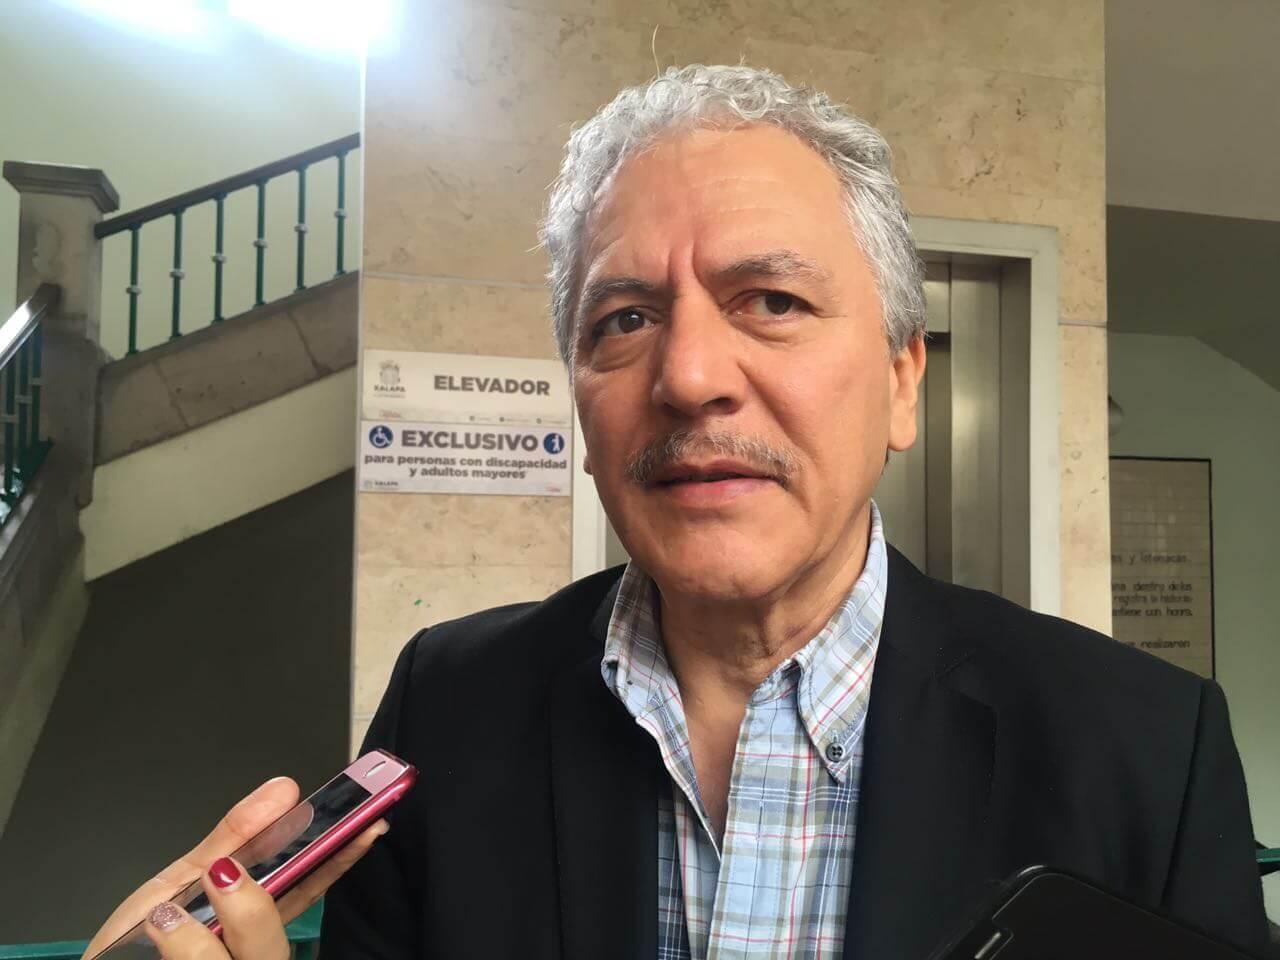 El presidente municipal de Xalapa, Hipólito Rodríguez Herrero dijo que los integrantes del Movimiento Nacional de los 400 Pueblos, provocan repudio a la sociedad por sus formas de manifestarse.